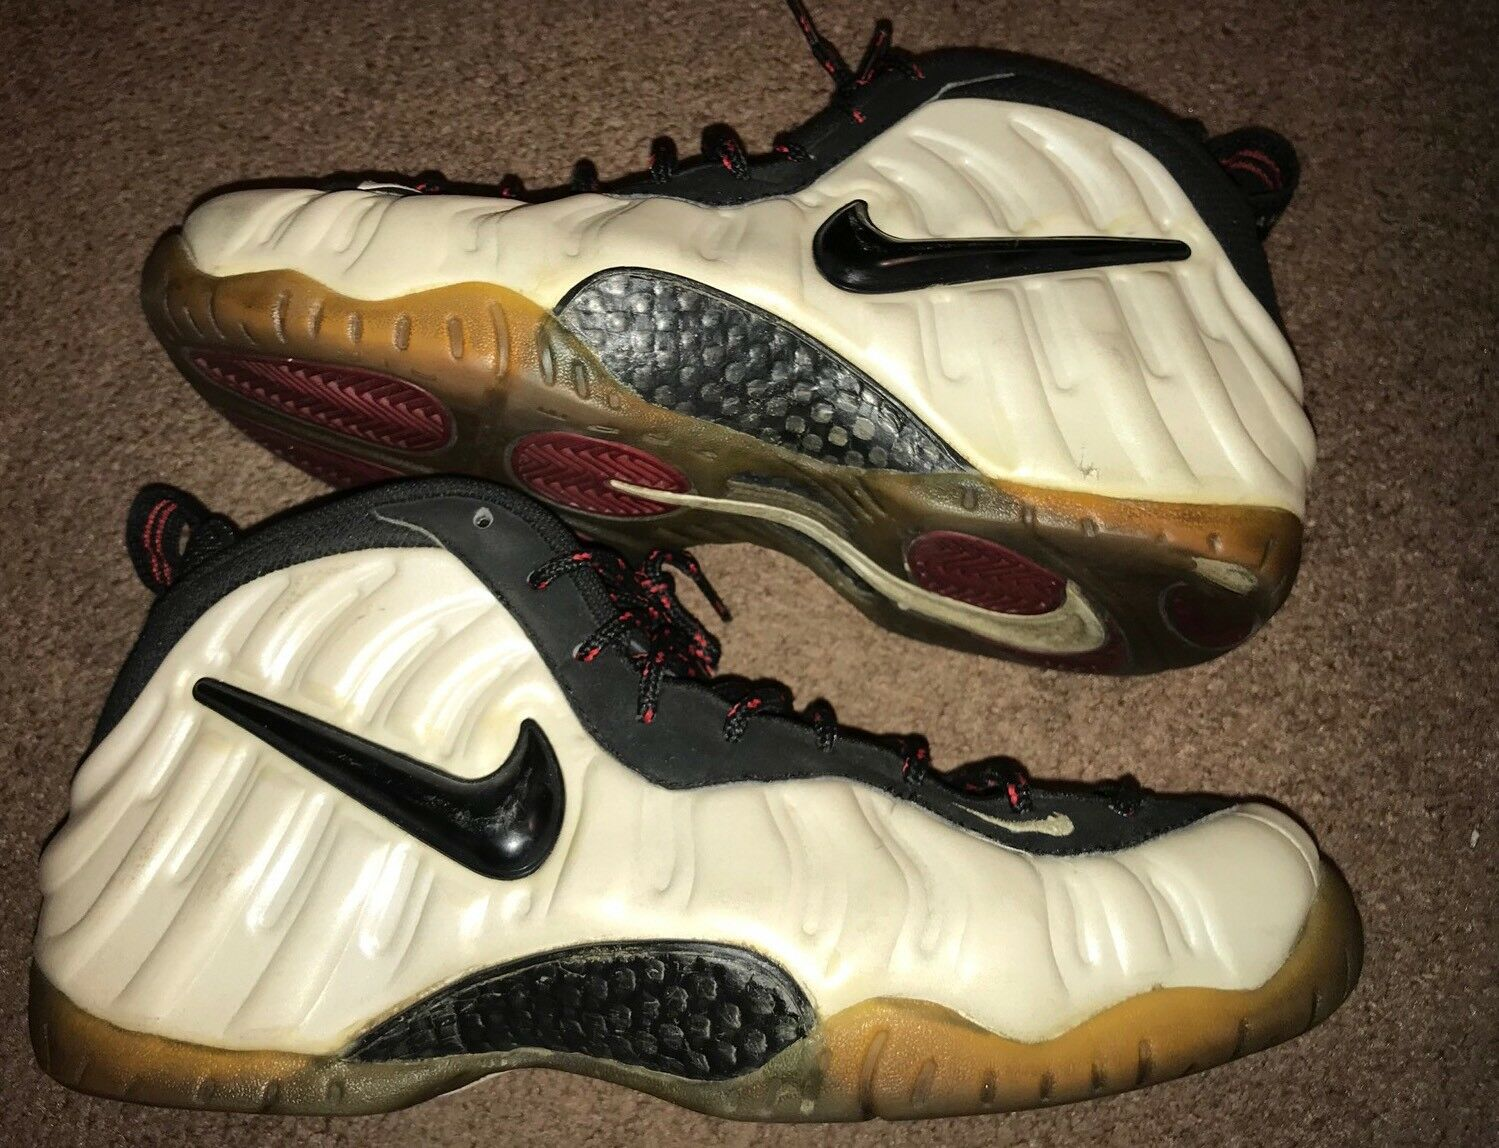 Nike air pegasus a / t premio 924469-302 tutto terreno terreno tutto freddo scarpe da corsa uomini '11 02a7b0